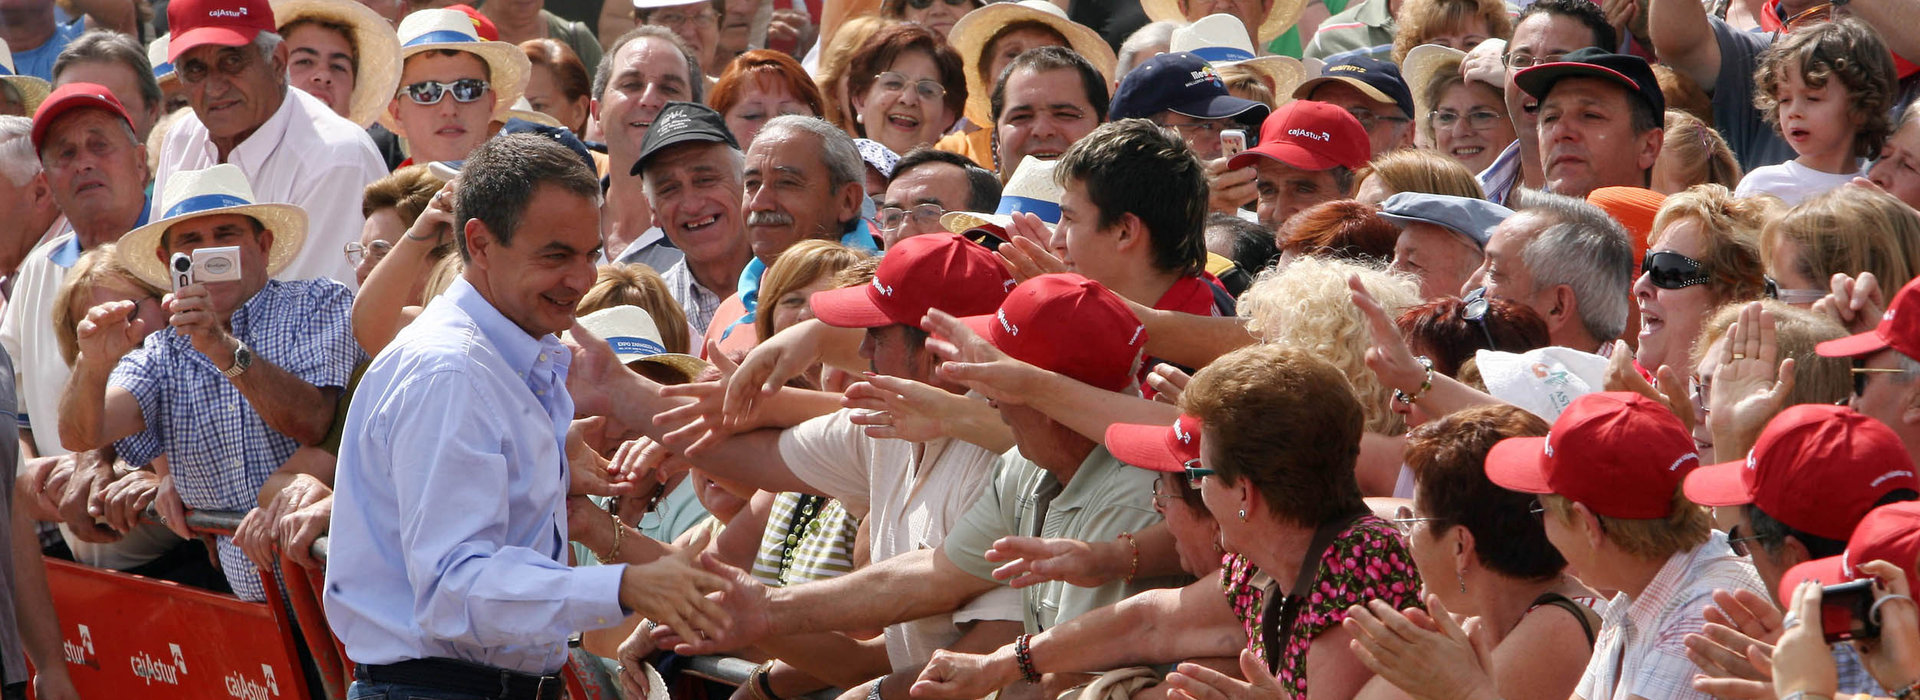 PSOE & Zapatero leder Spanien 2004-2011